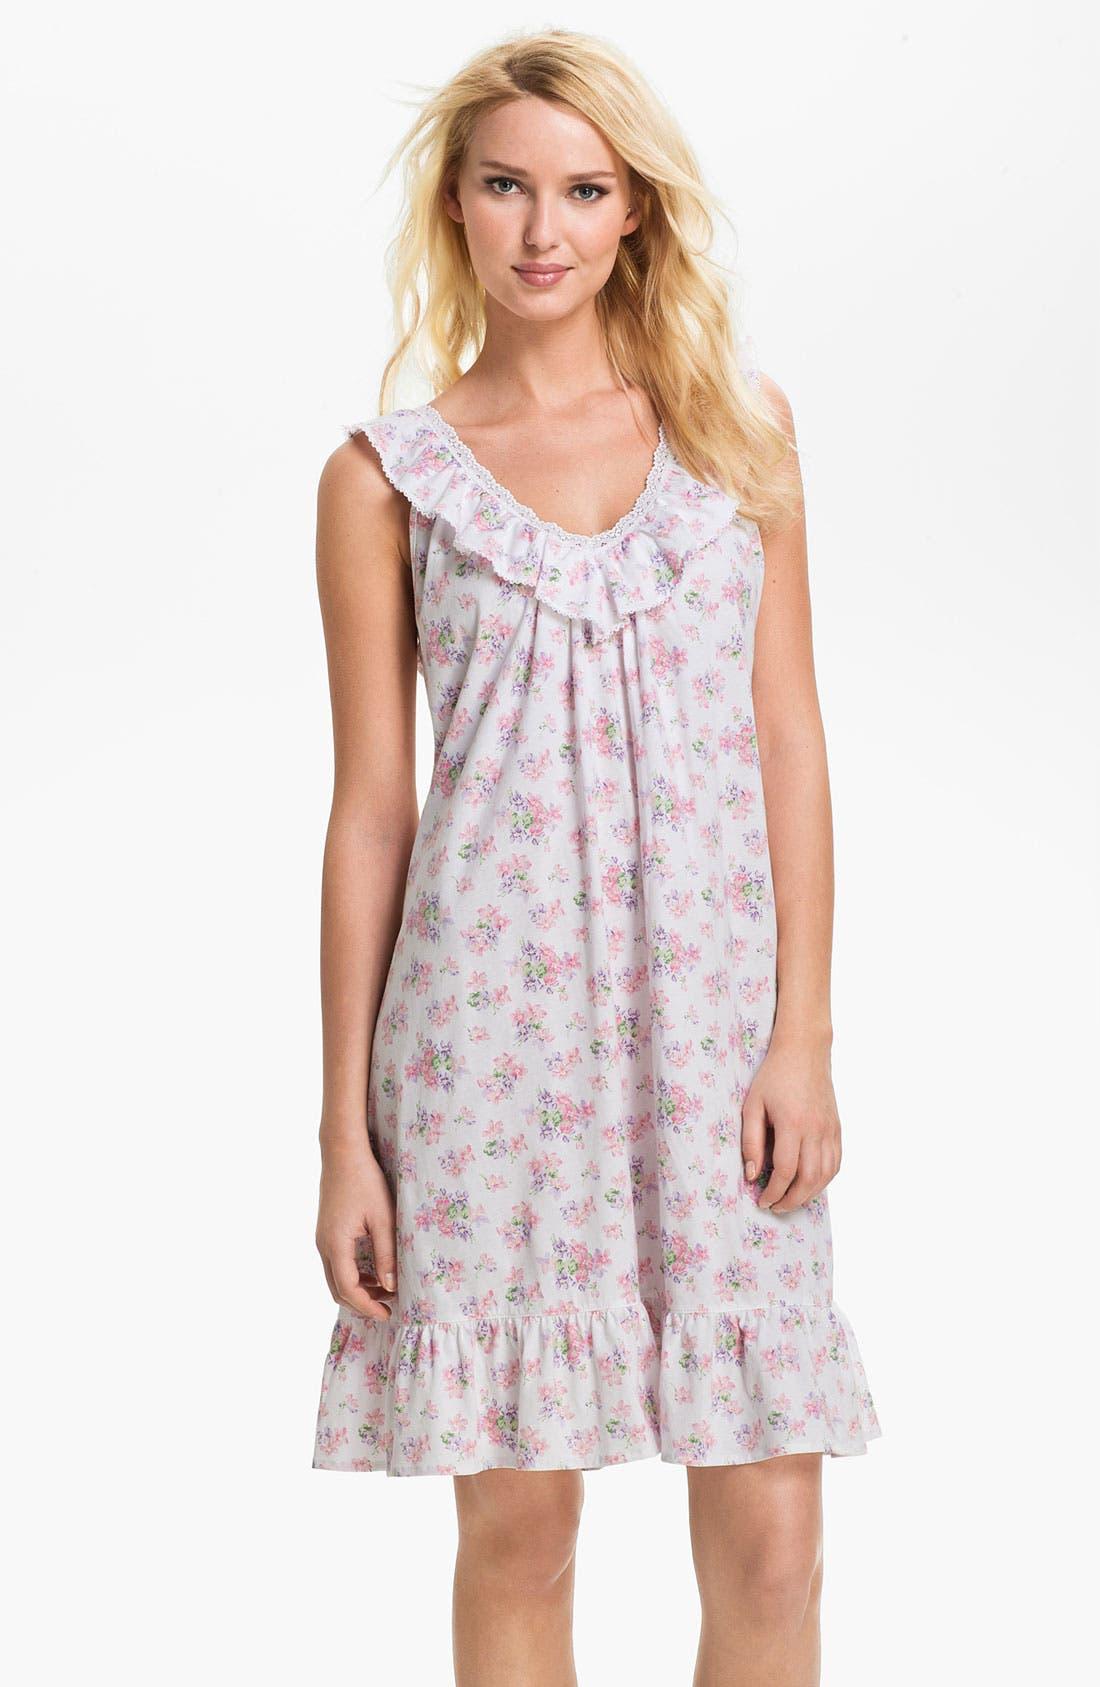 Alternate Image 1 Selected - Lauren Ralph Lauren Ruffled Short Nightgown